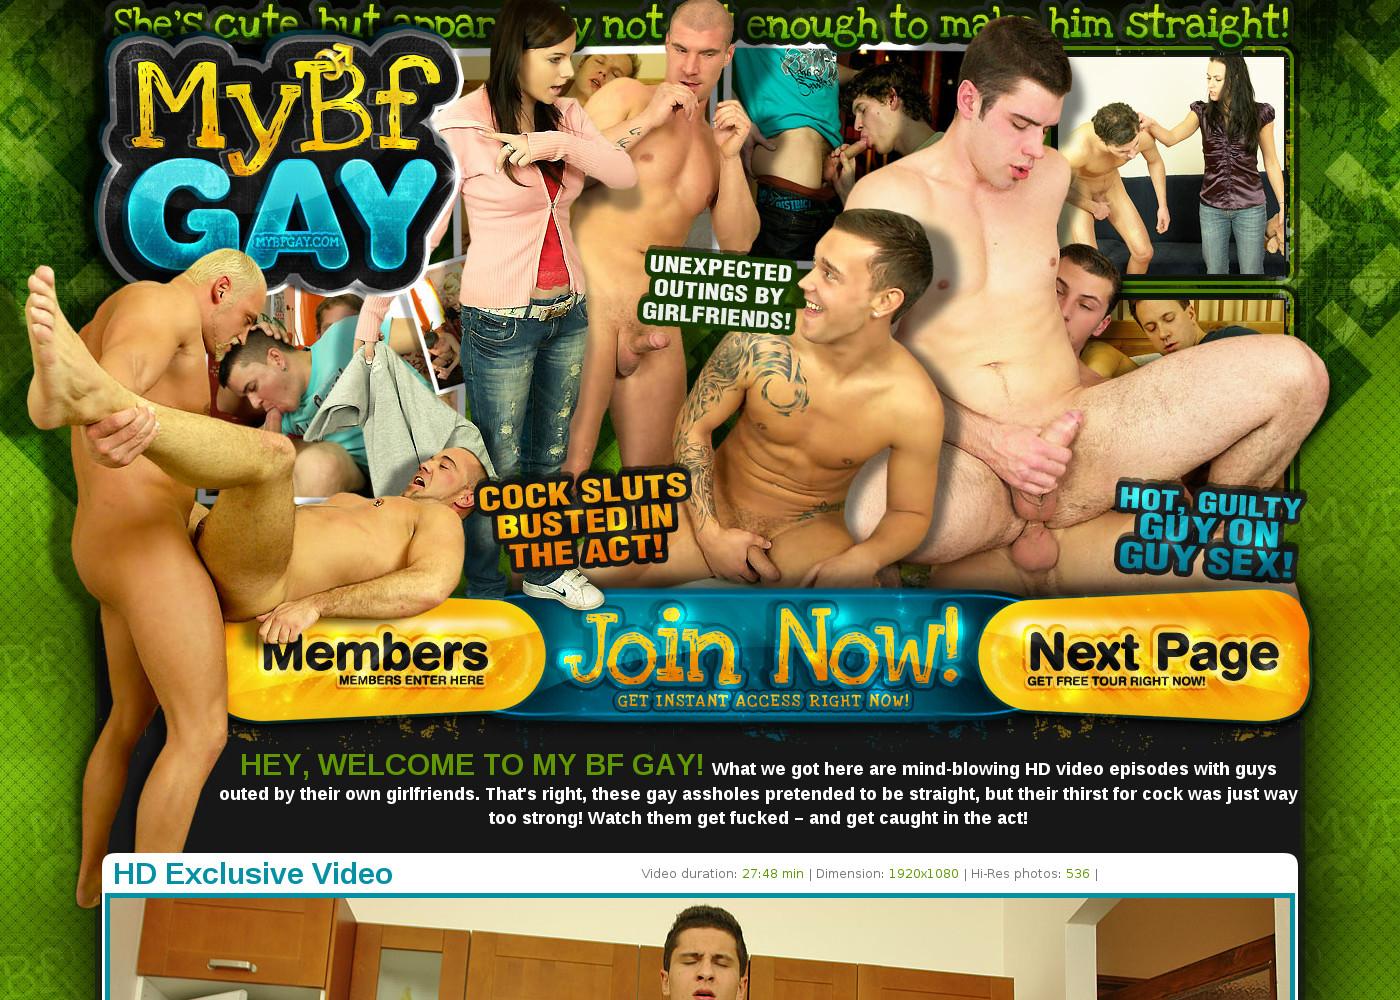 mybfgay.com